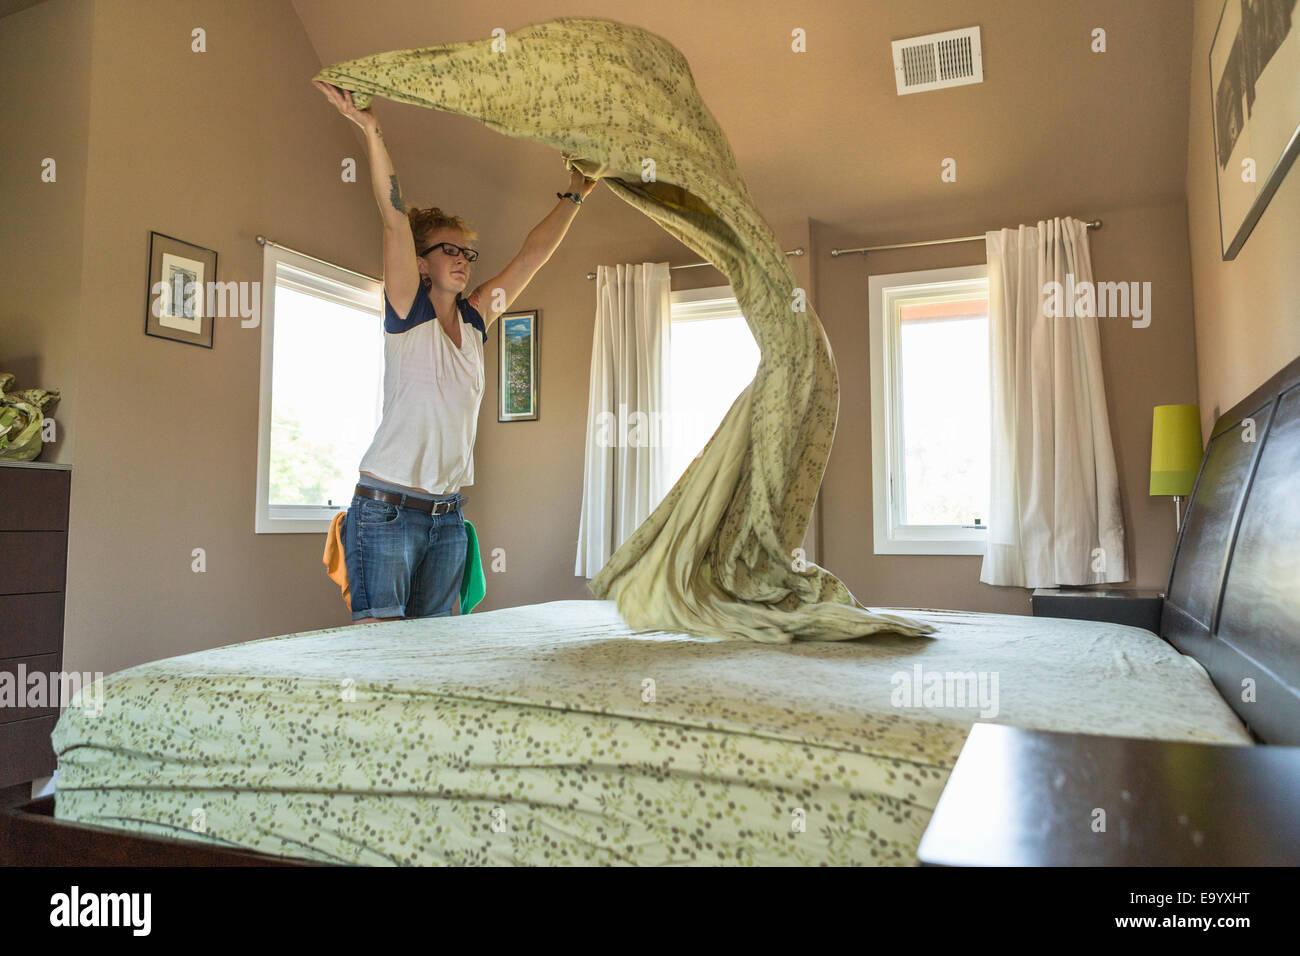 Junge Frau, die Schlafzimmer mit grünen Reinigungsmittel Reinigung Stockbild